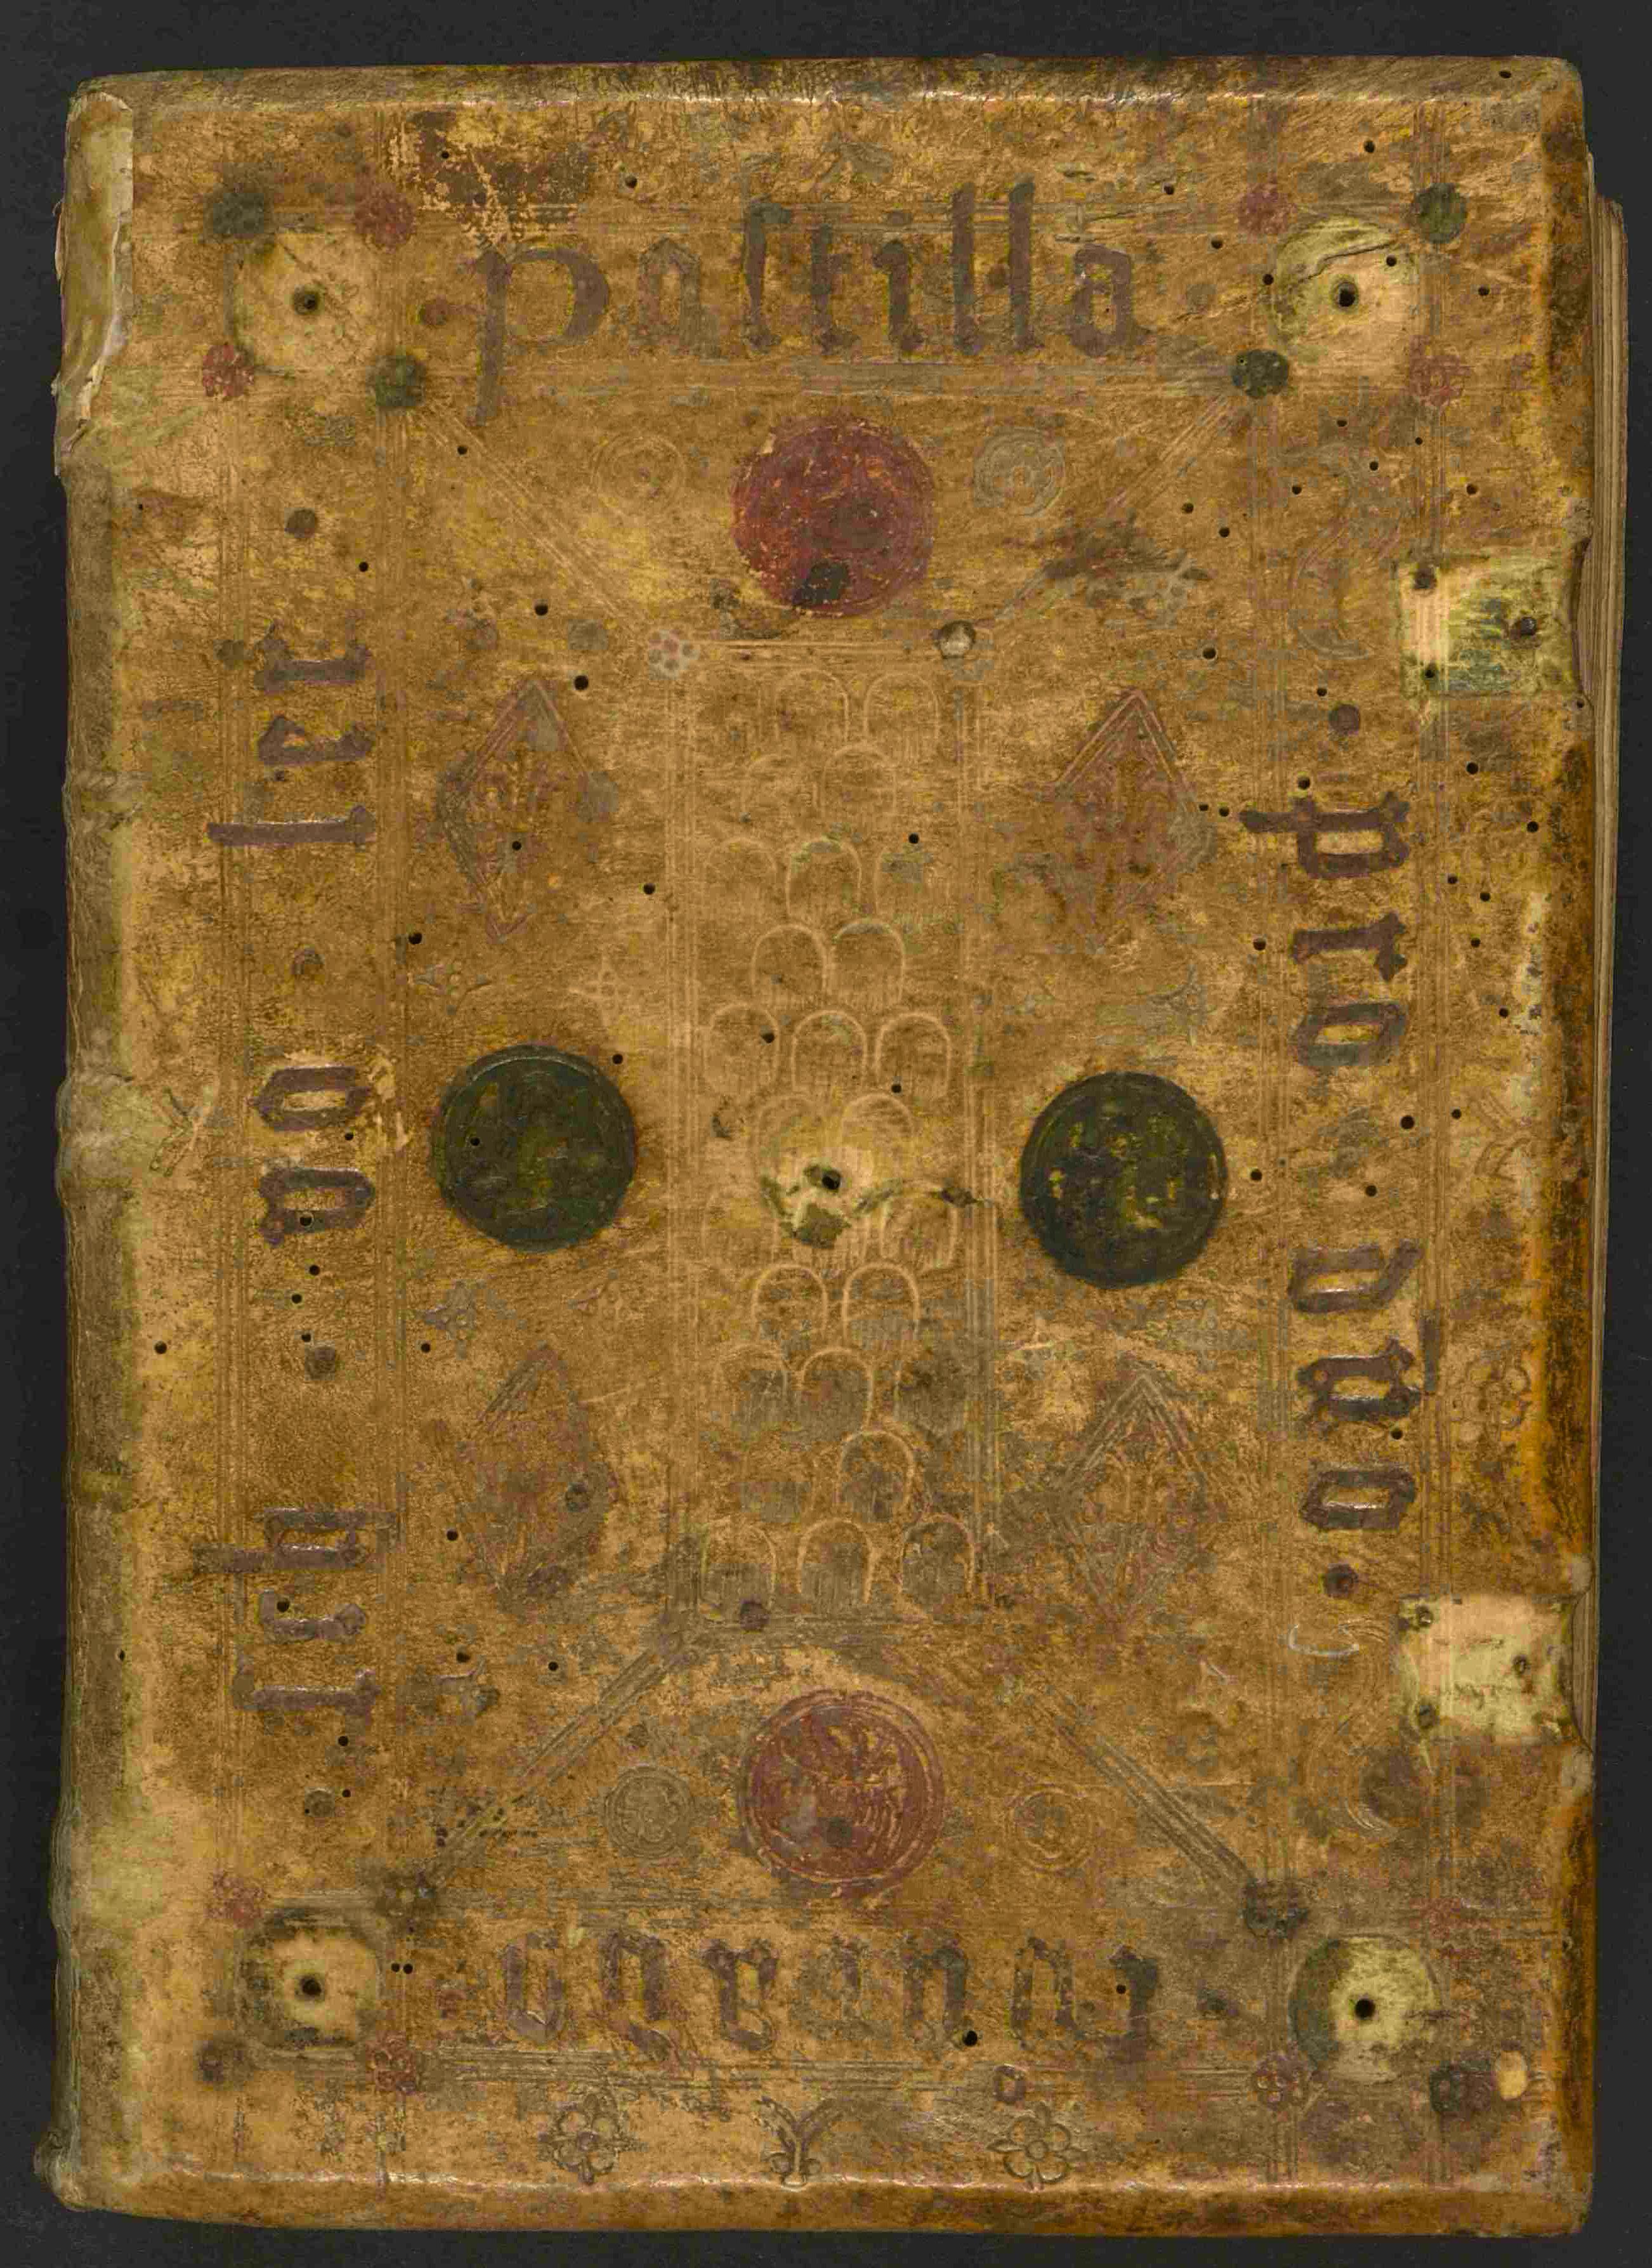 Sermones de tempore et de sanctis, Vorderdeckel mit handschriftlichem Besitzervermerk.jpg